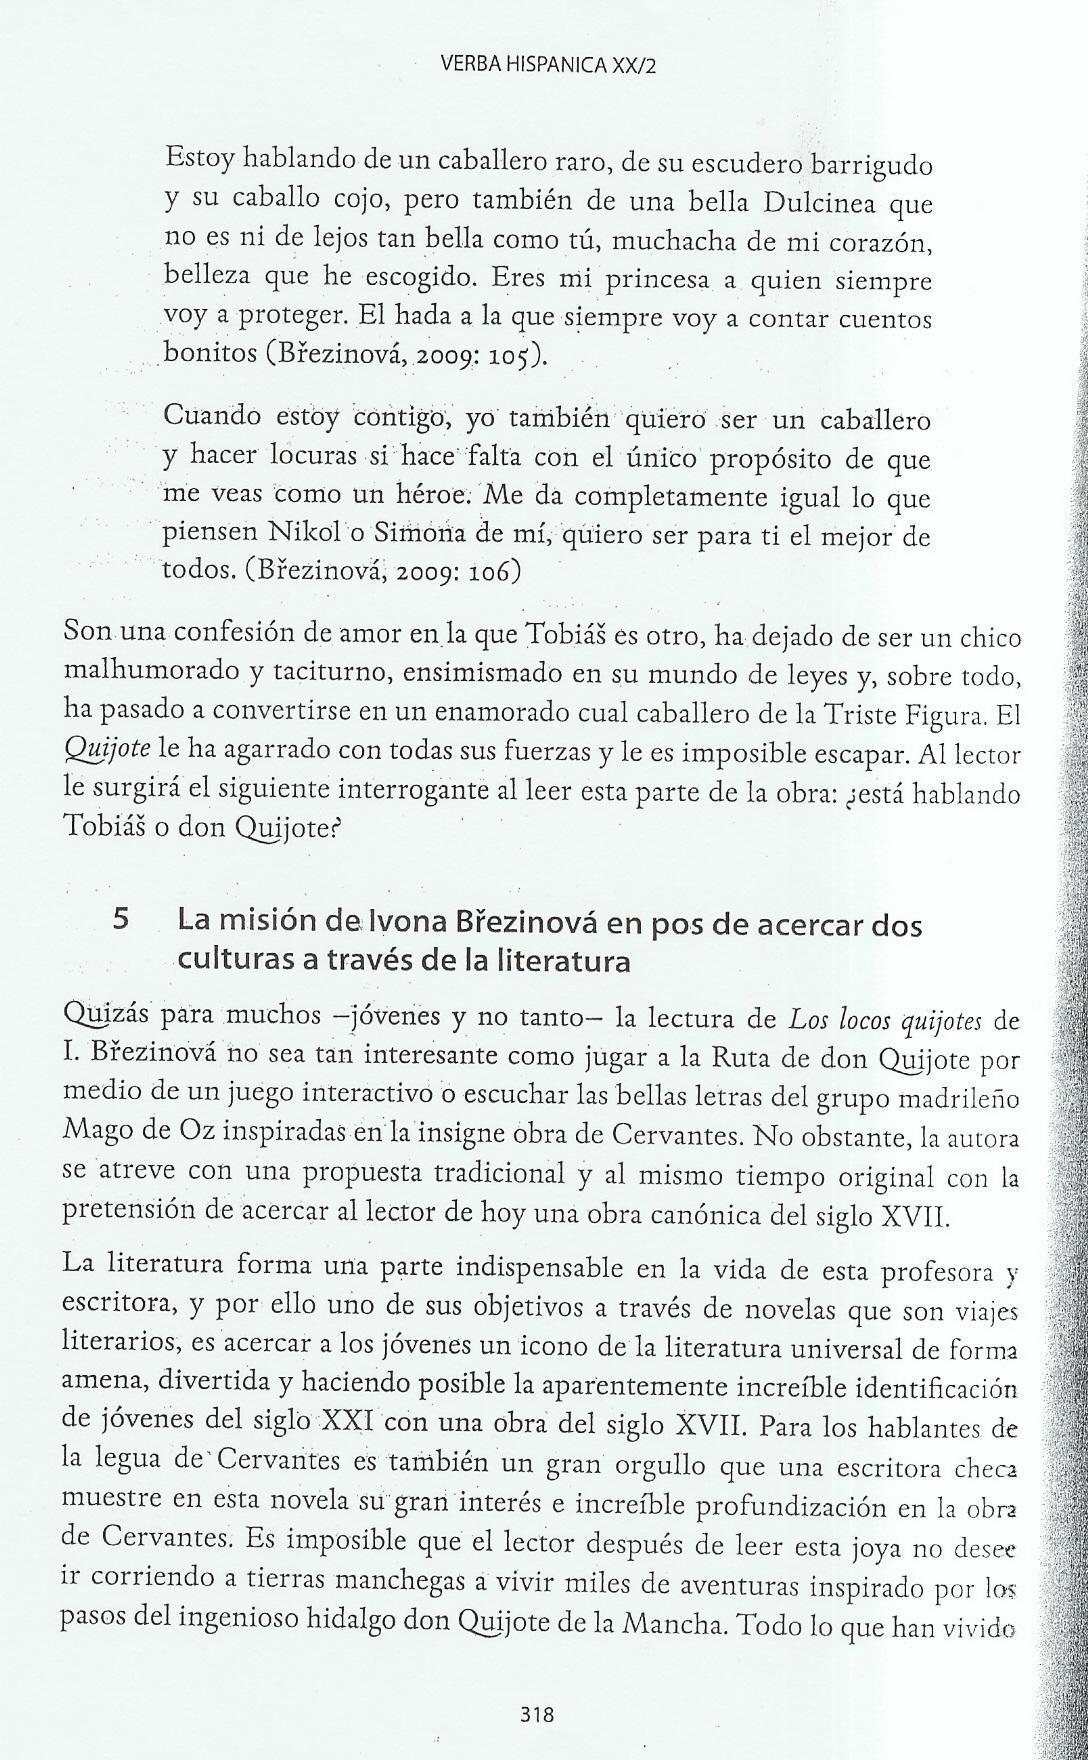 Cristina_Simón_Alegre_s12